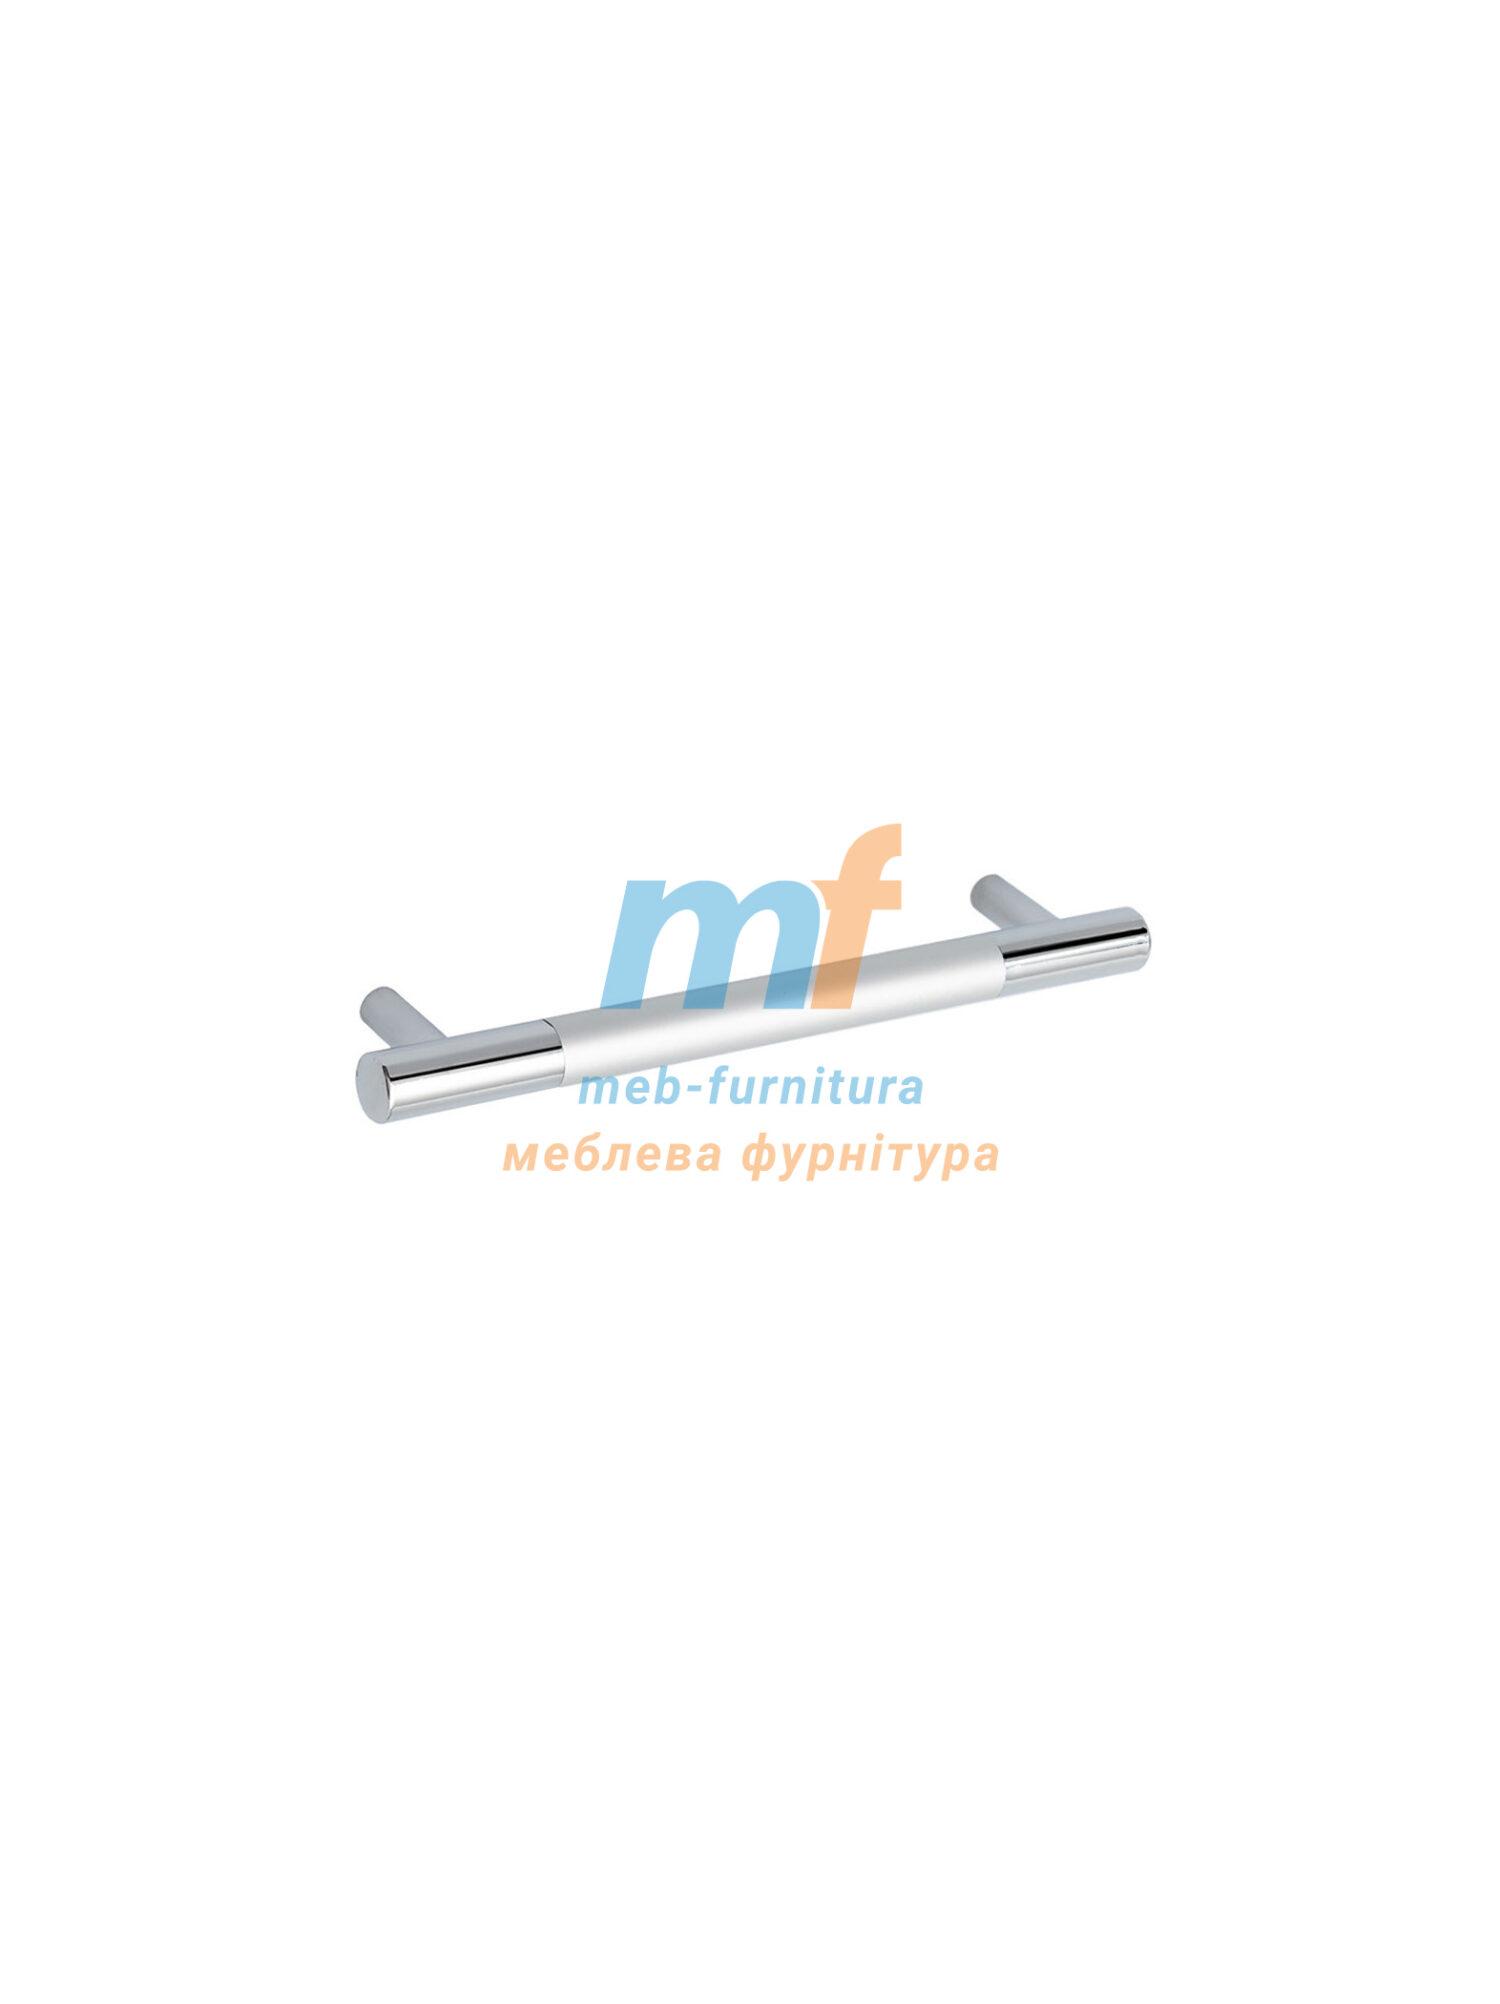 Ручка мебельная релинг 128мм - хром+мат.хром